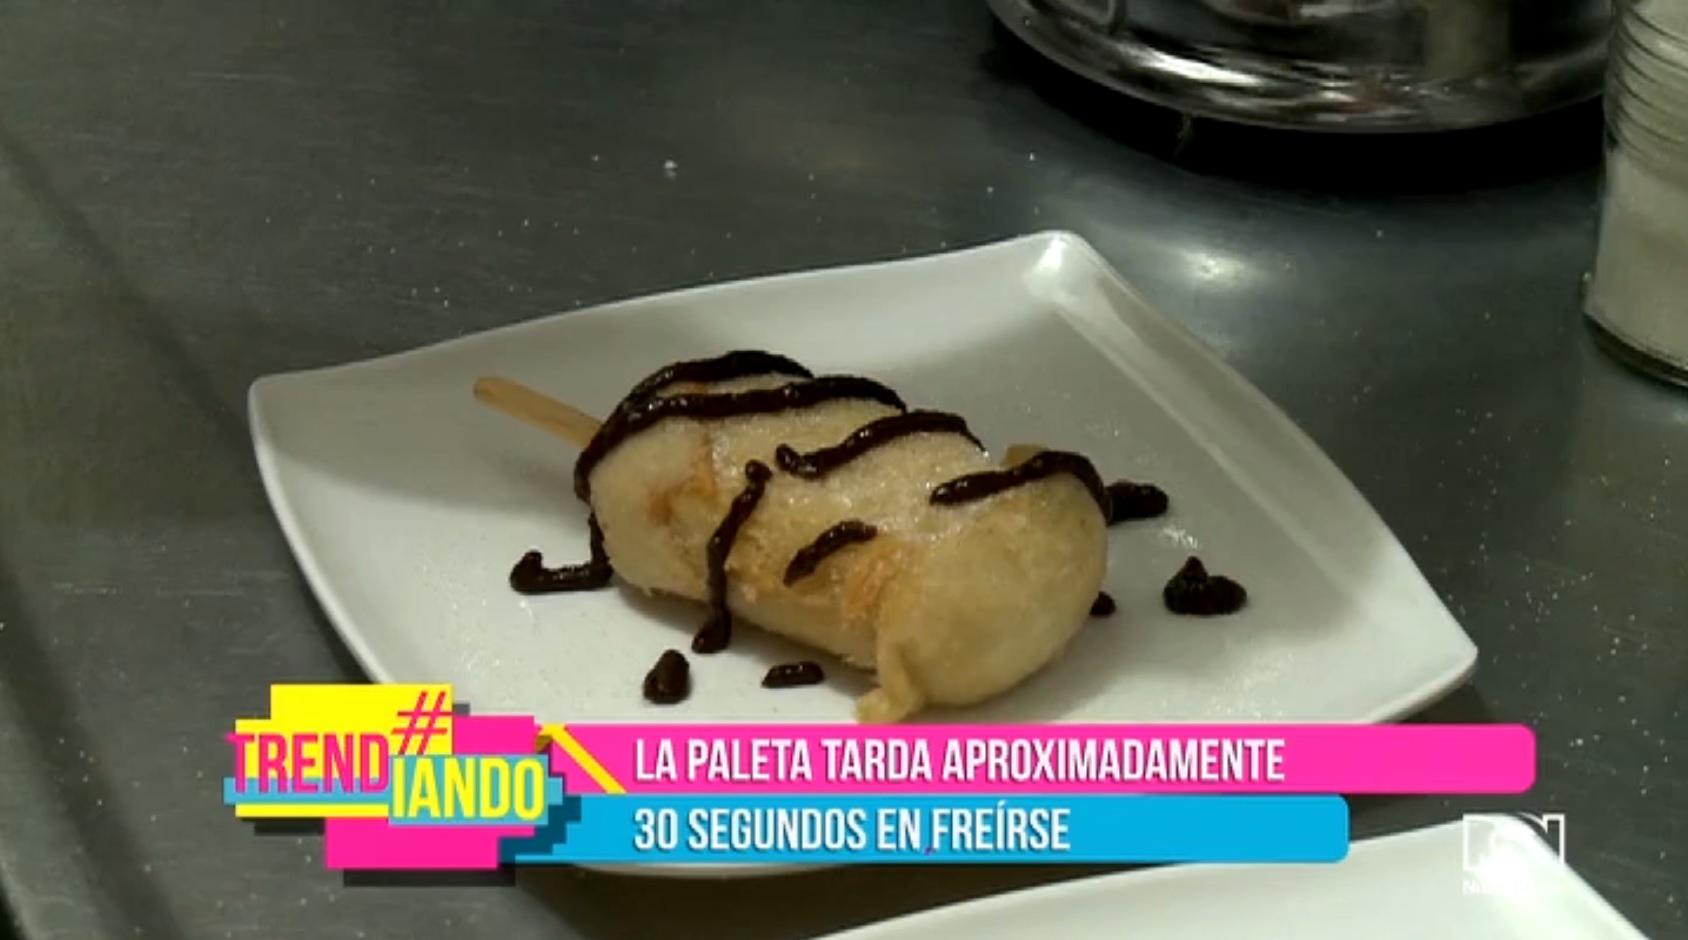 Mecatiando con Trendiando: 'Paleta frita' en 'Del Frutas'